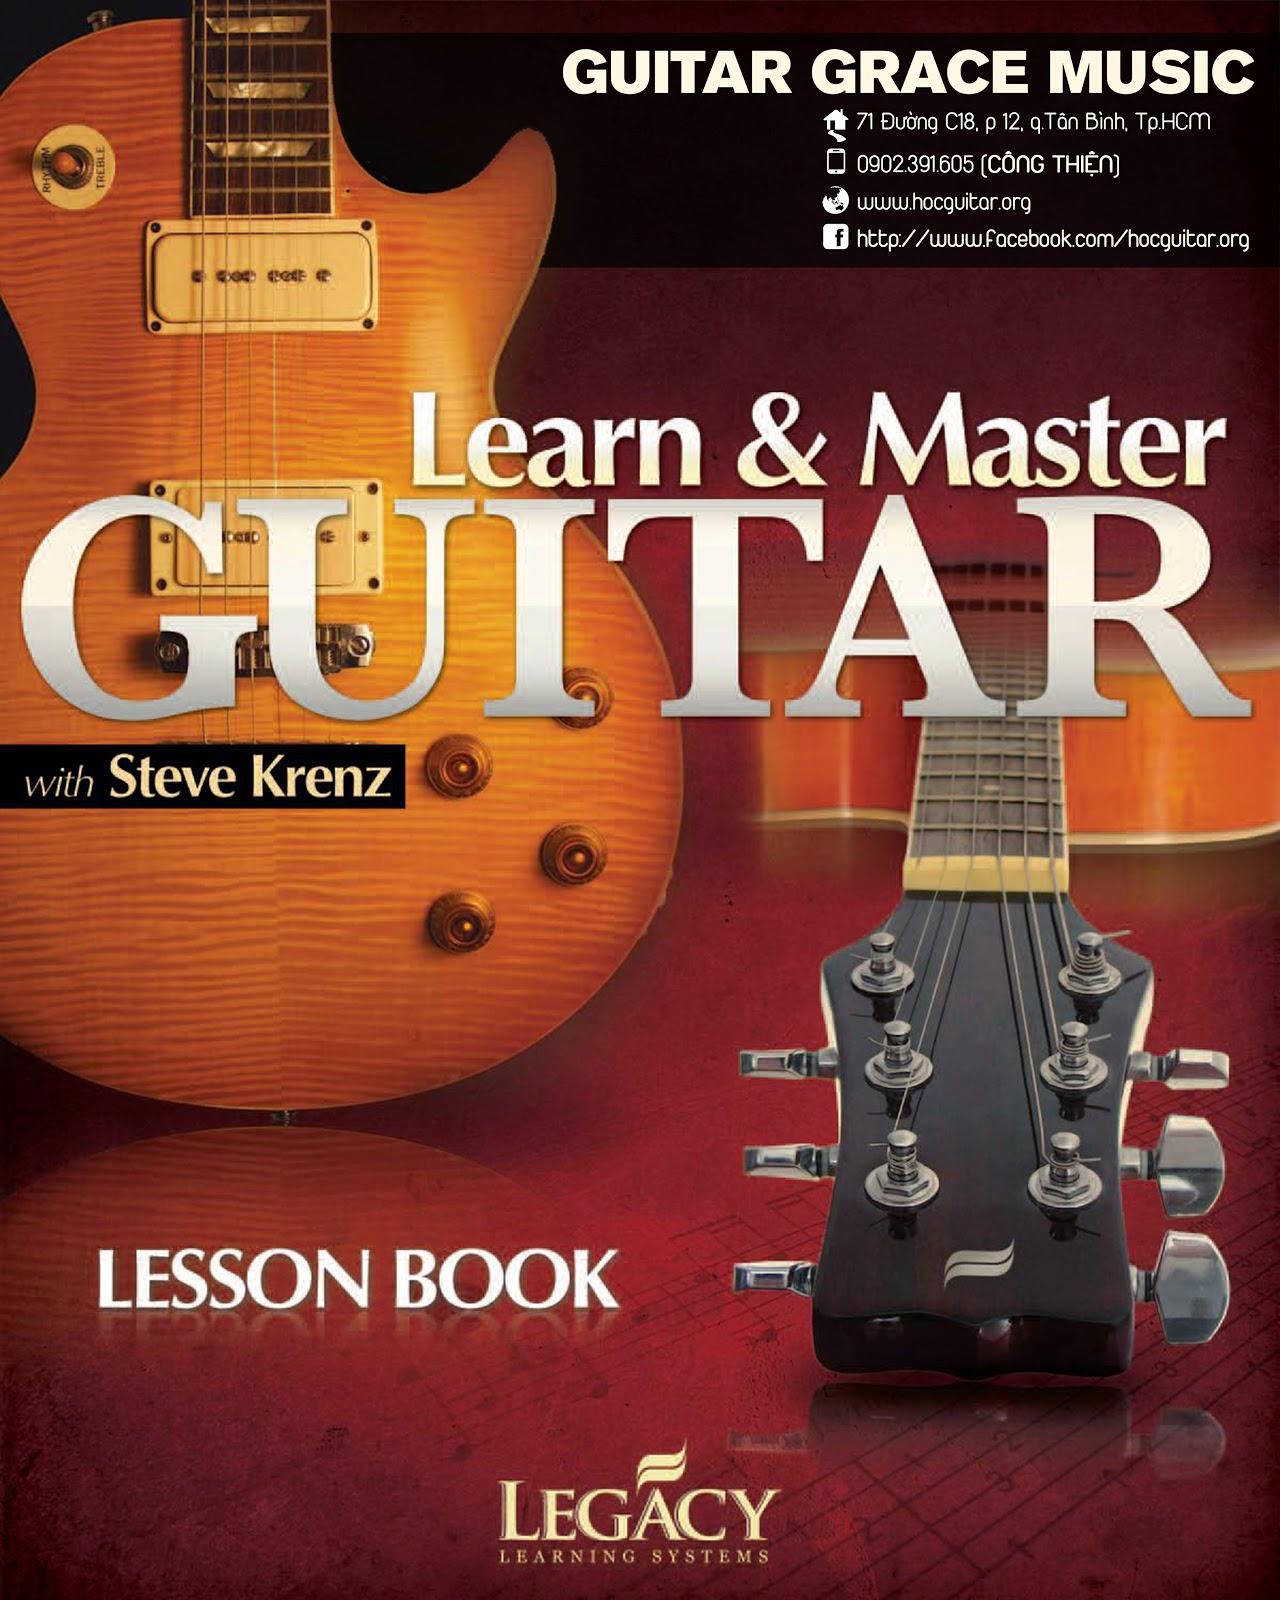 học đàn guitar đệm hát quận tân bình